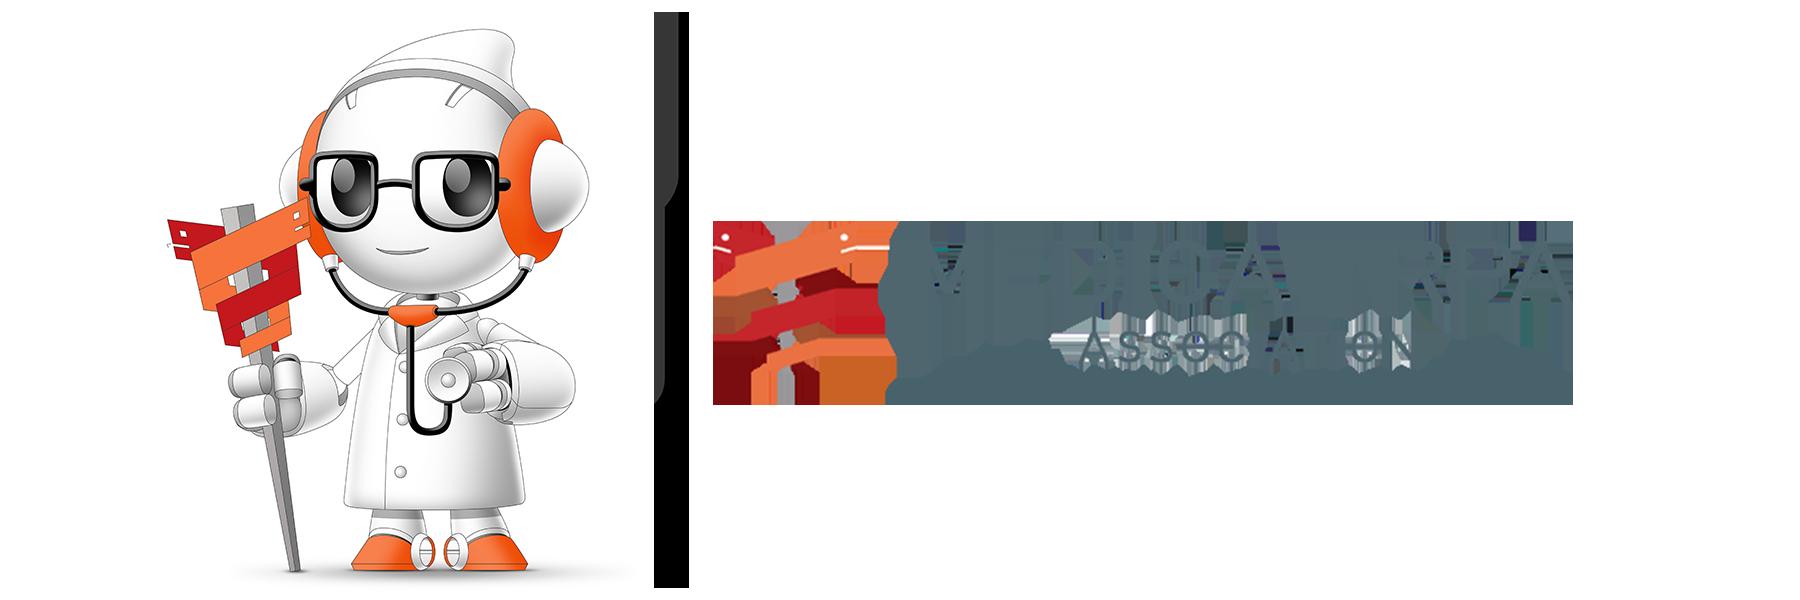 メディカルRPA協会